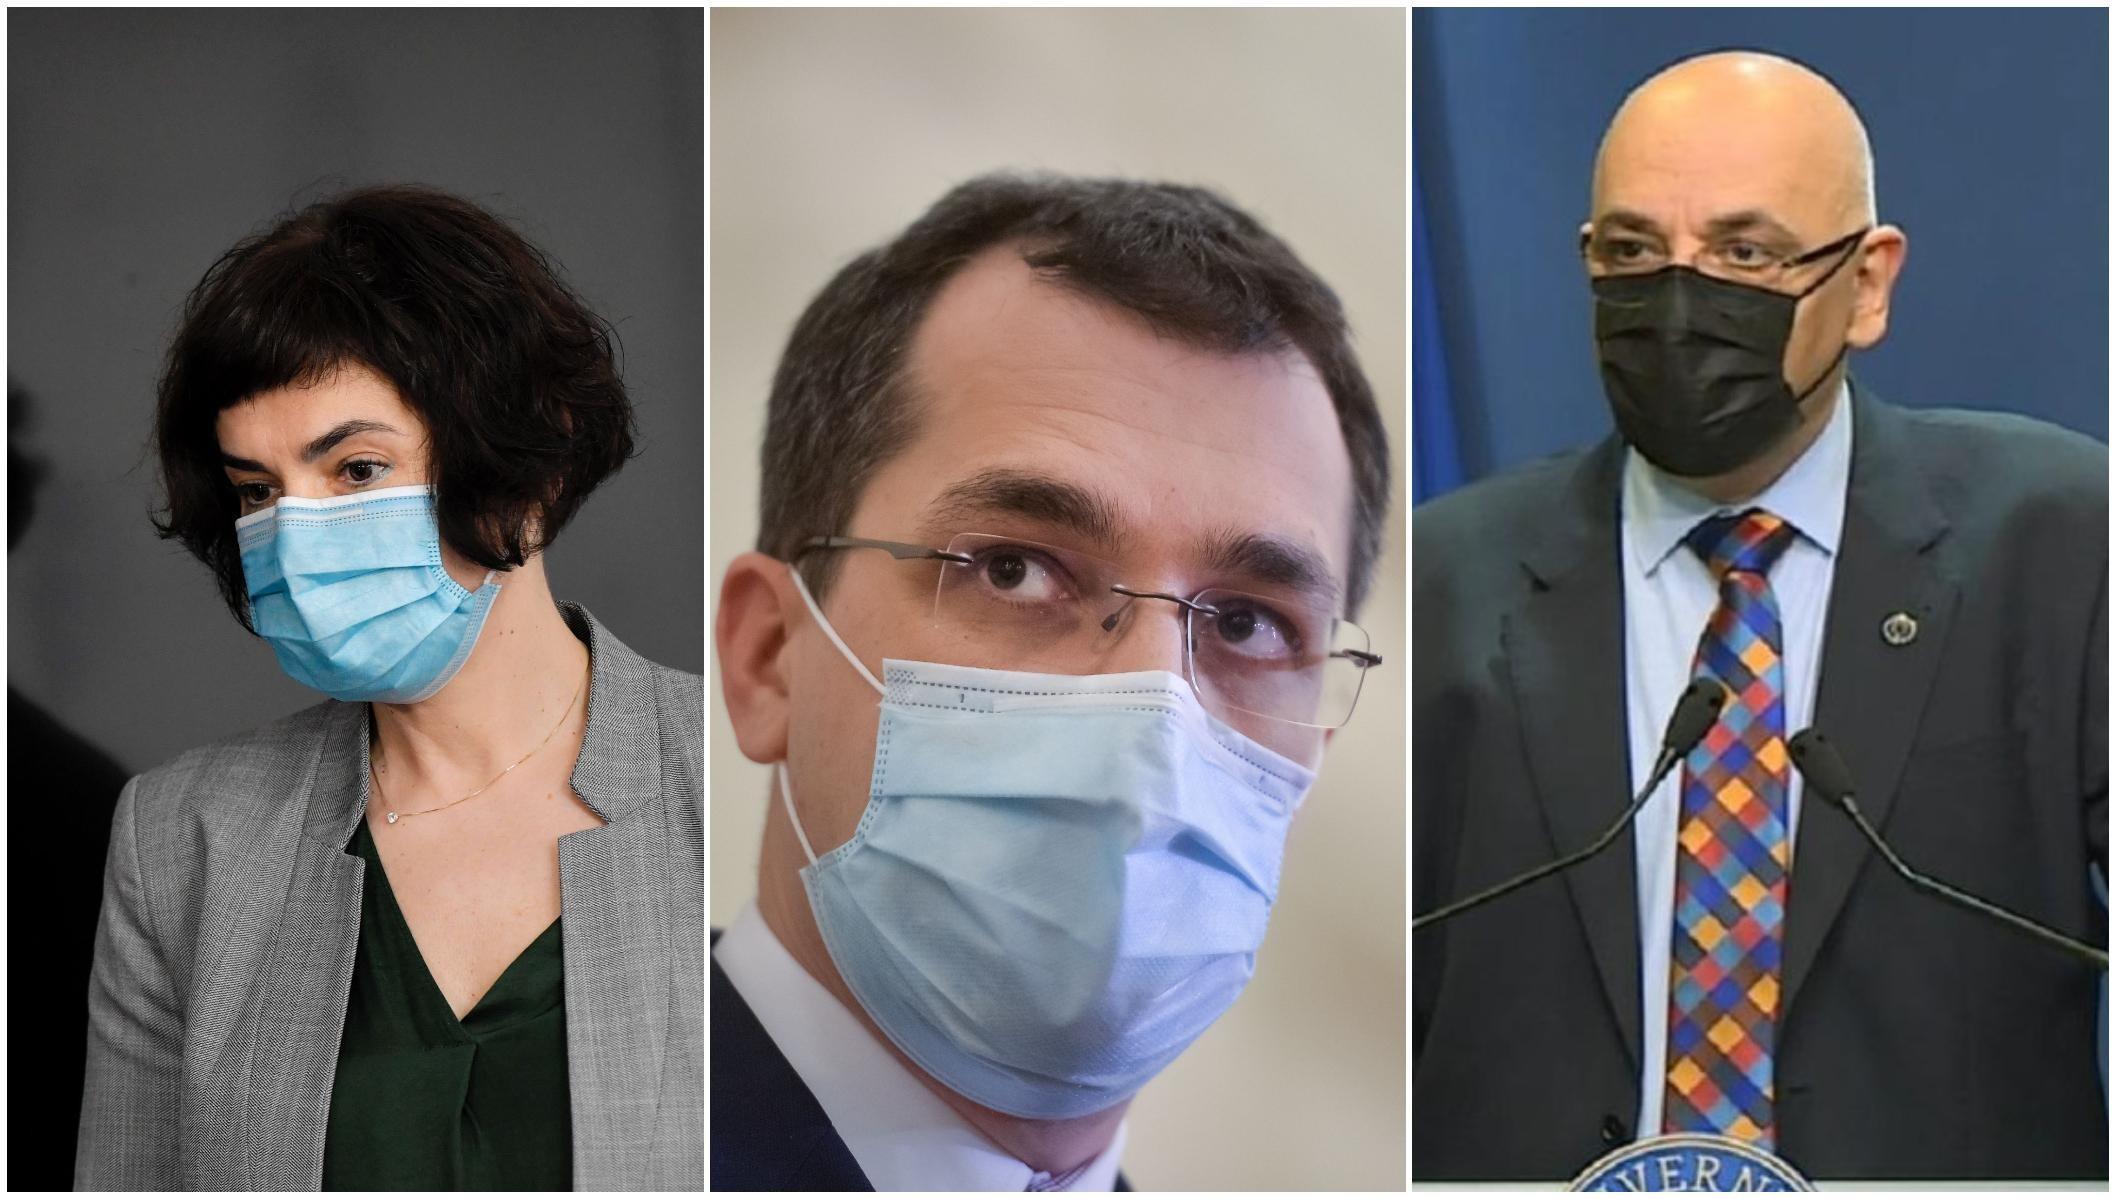 Declarații contradictorii cu privire la ora la care a aflat ministrul Vlad Voiculescu de tragedia de la spitalul Victor Babeș